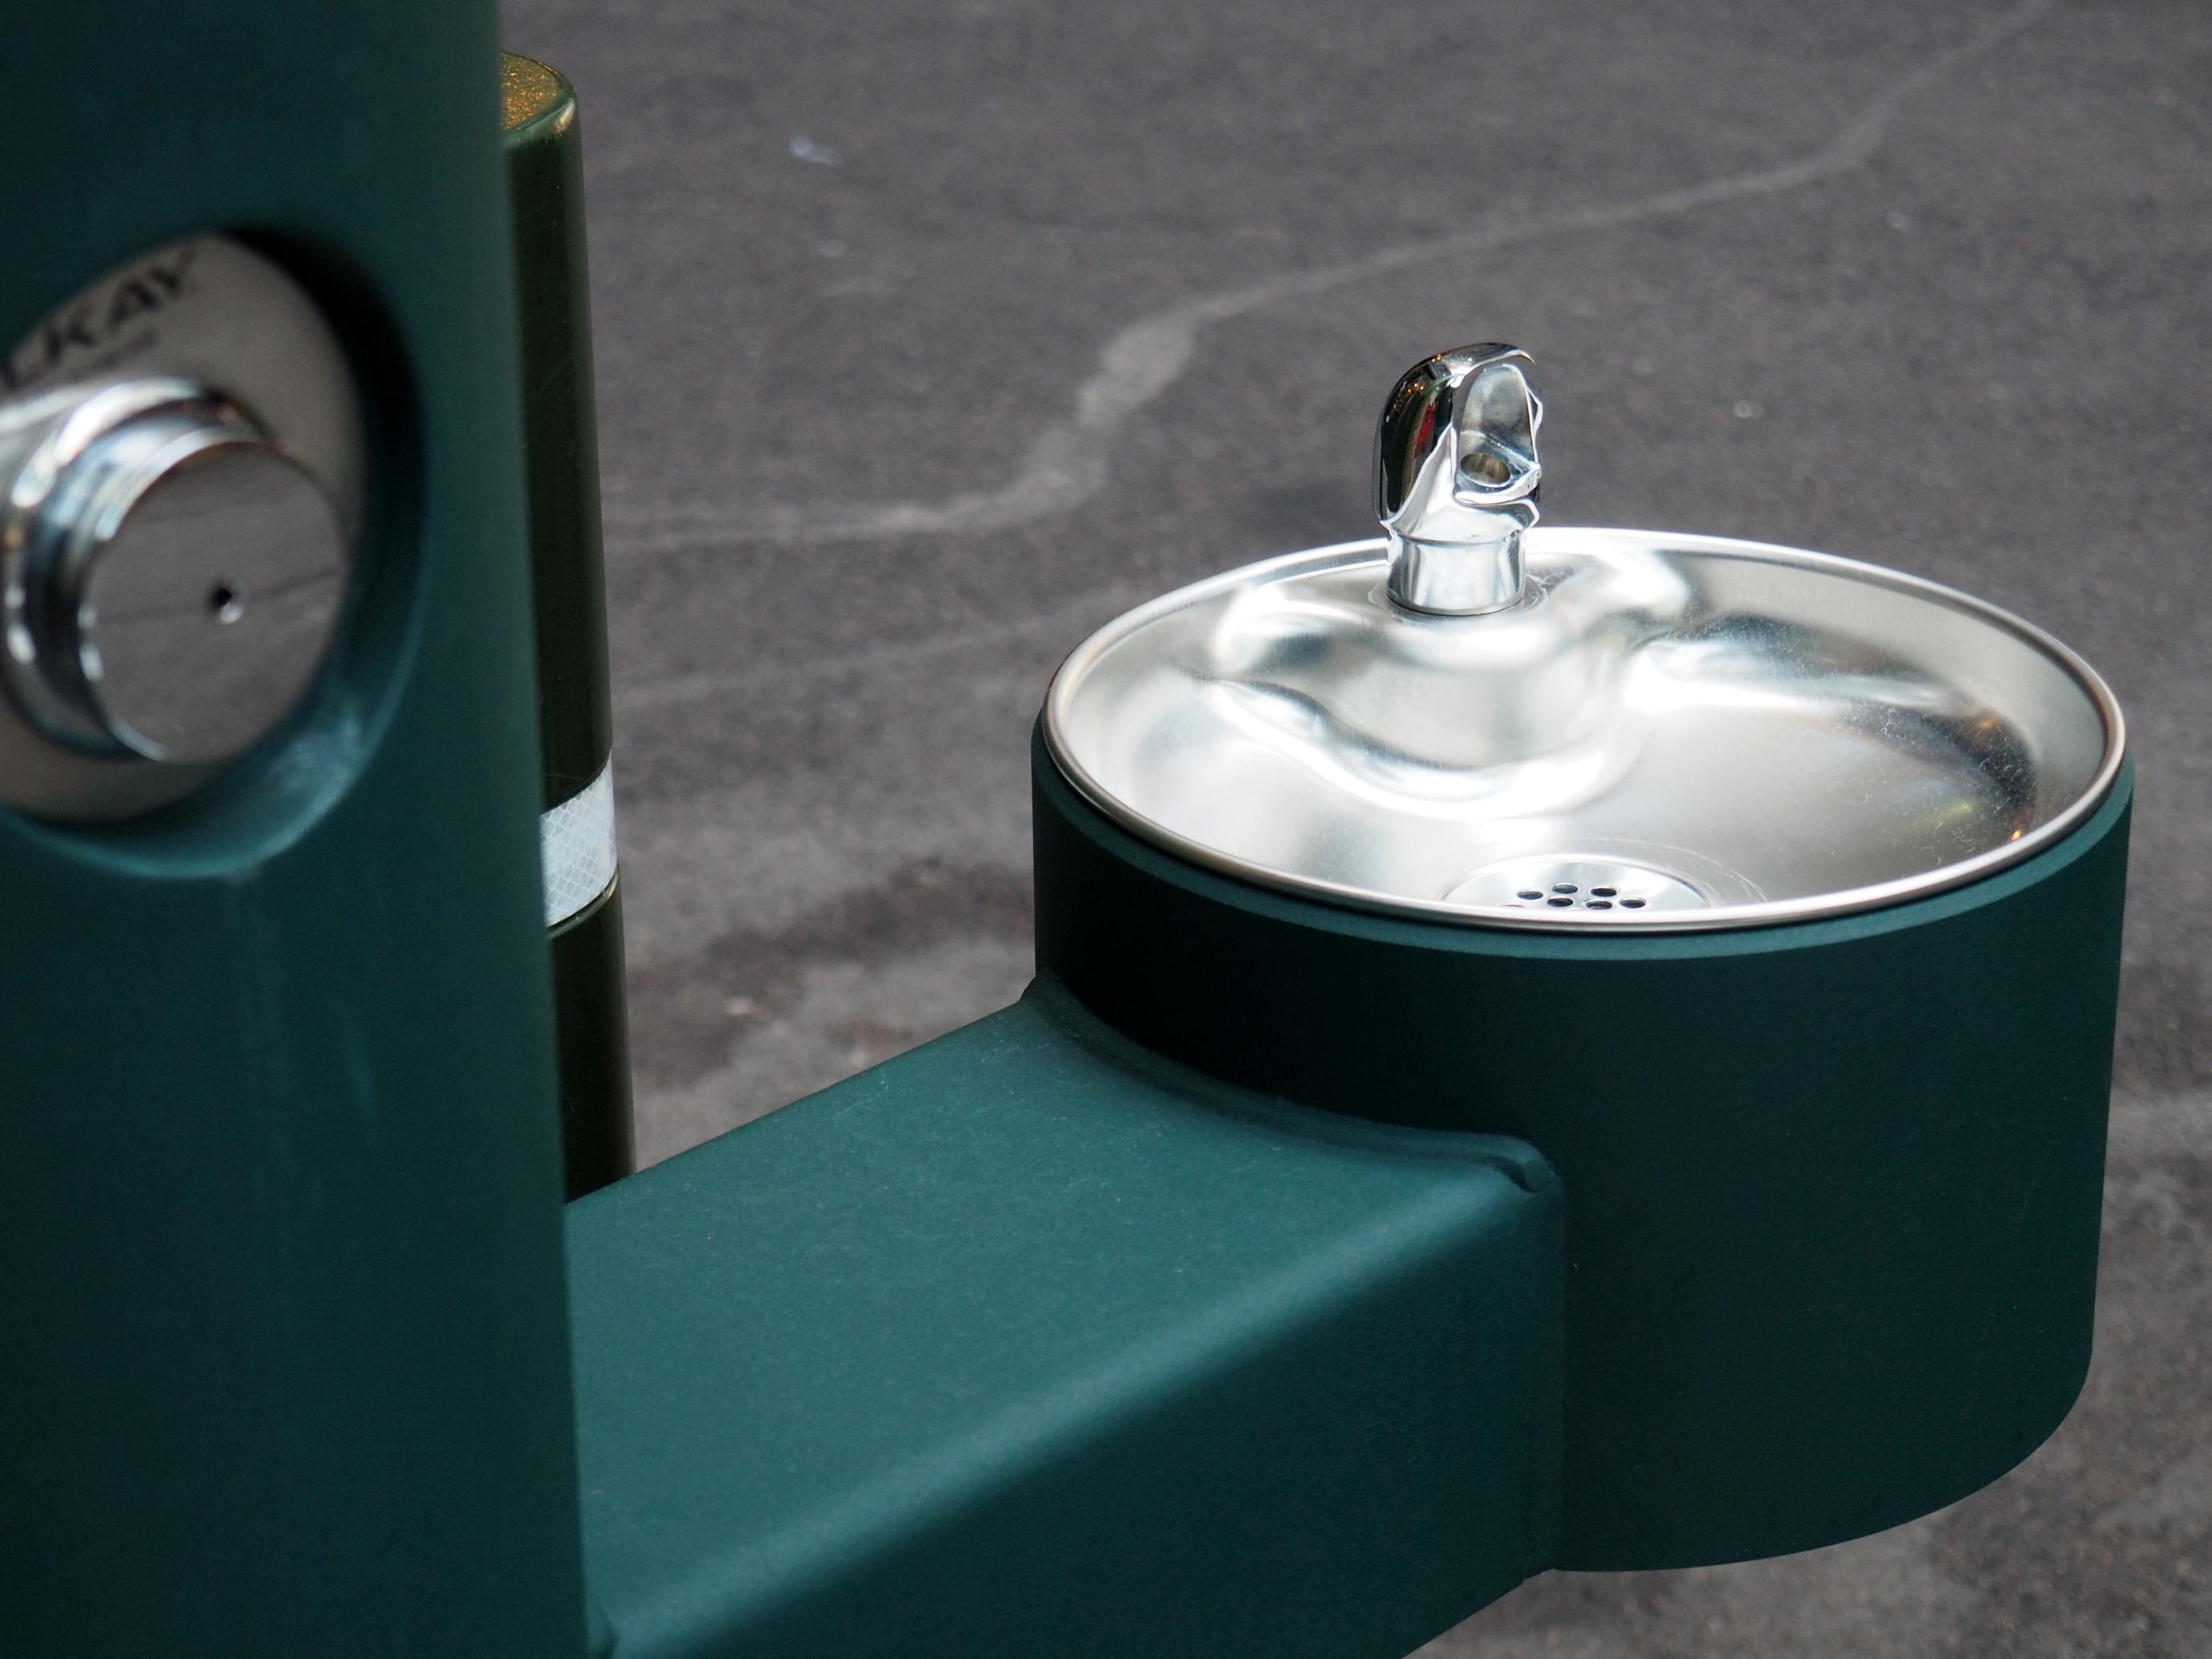 Borough Market bojuje proti odpadům, zakáže plastové lahve